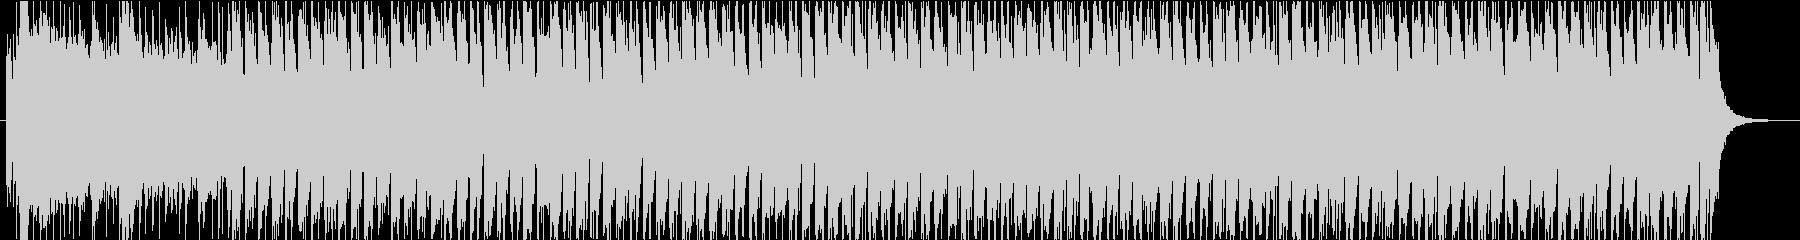 【オープニング】生楽器中心の明るいマーチの未再生の波形